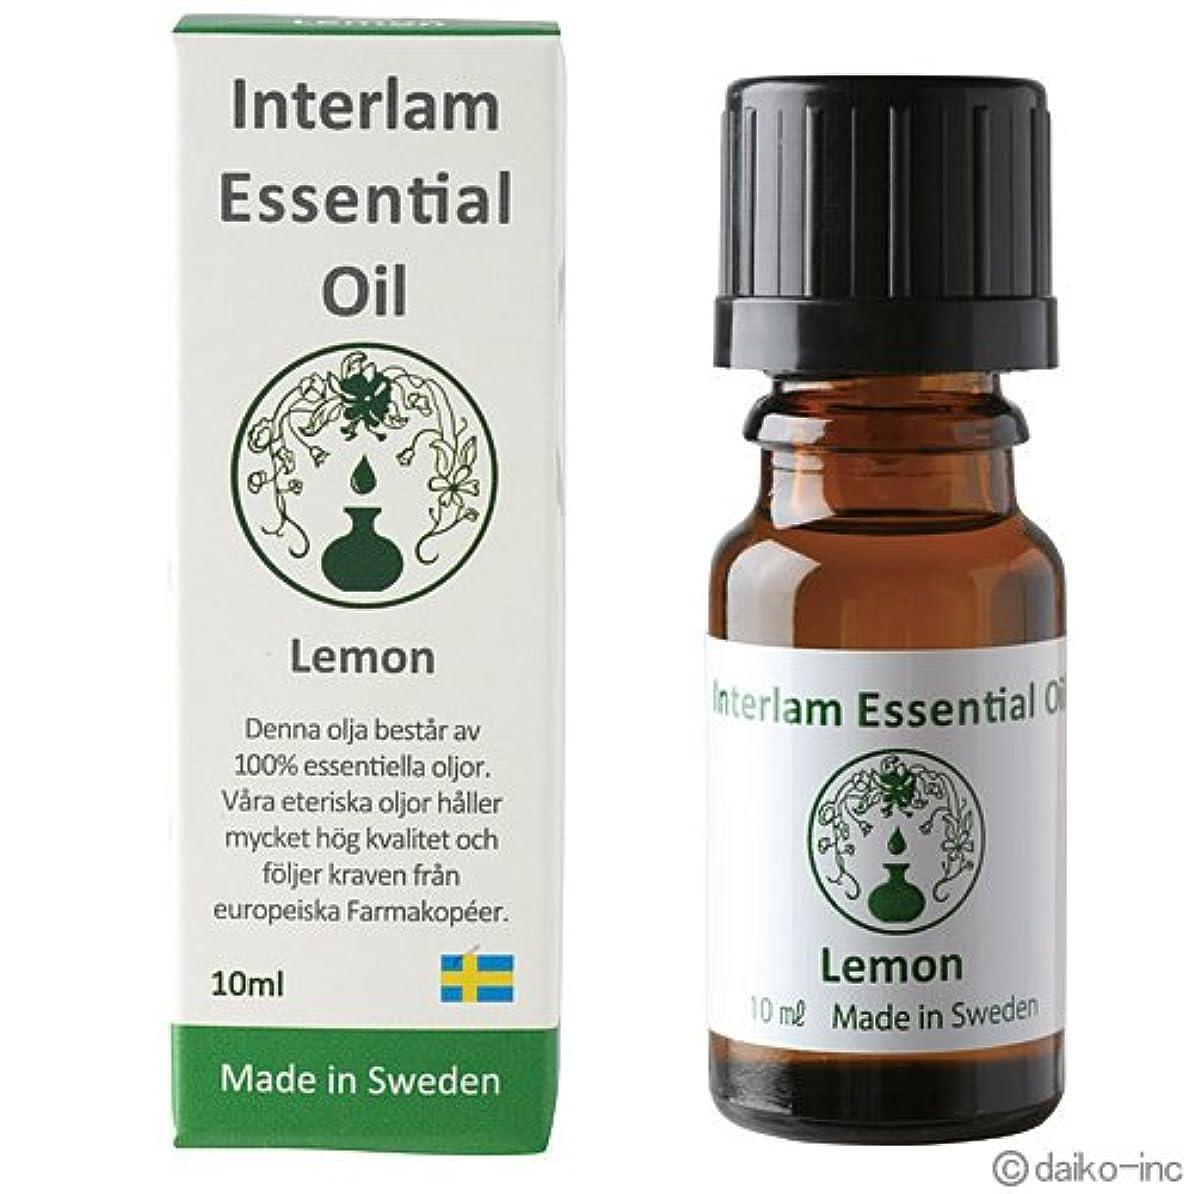 放送クルーズトリムInterlam Essential Oil レモン 10ml